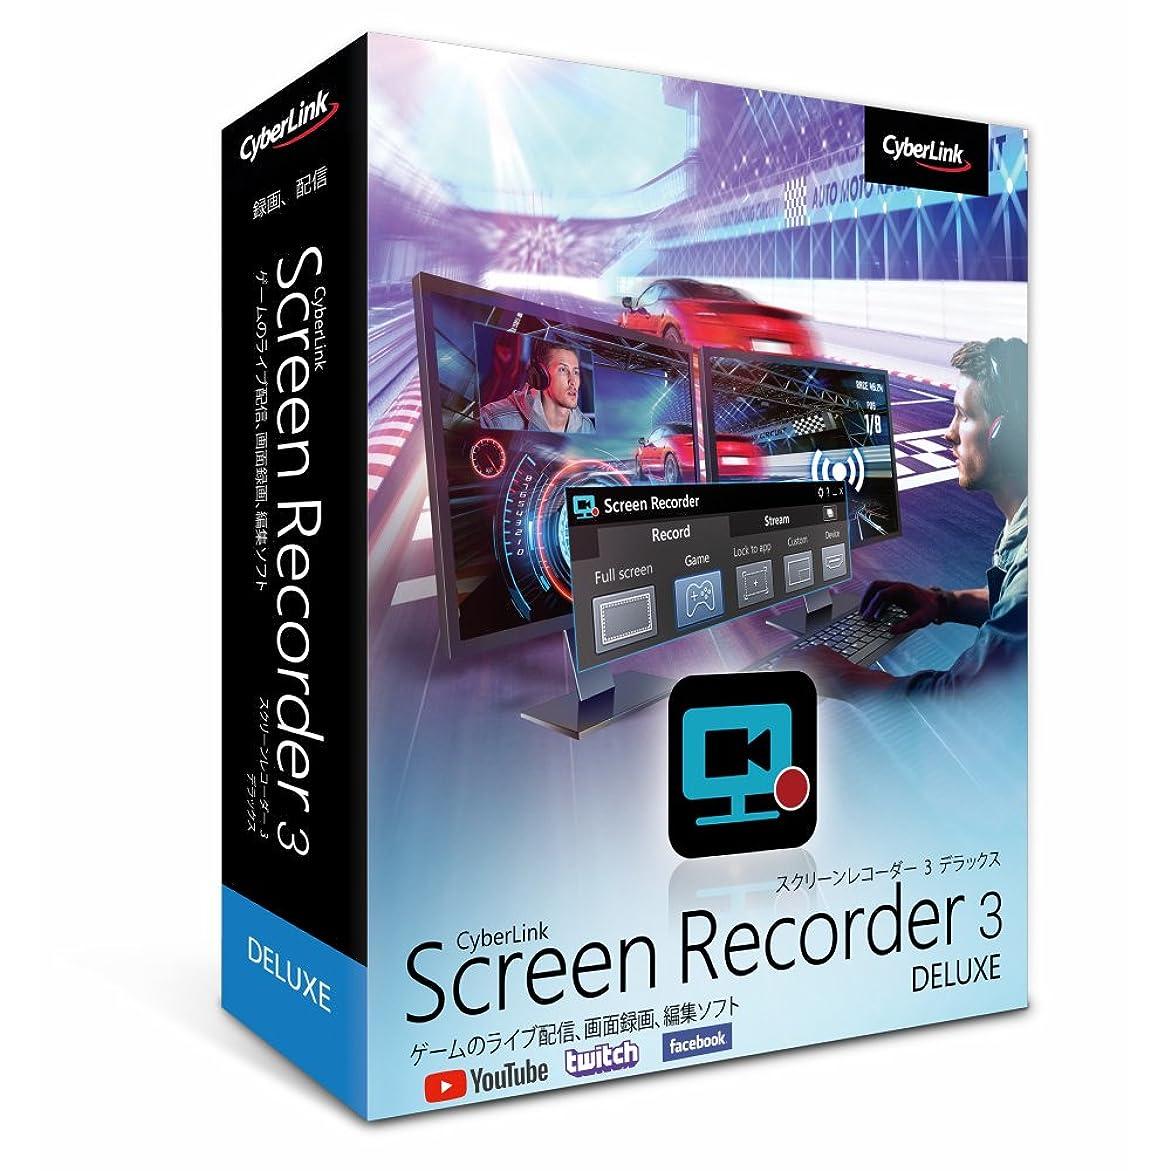 駅乱闘早くサイバーリンク Screen Recorder 3 Deluxe 通常版